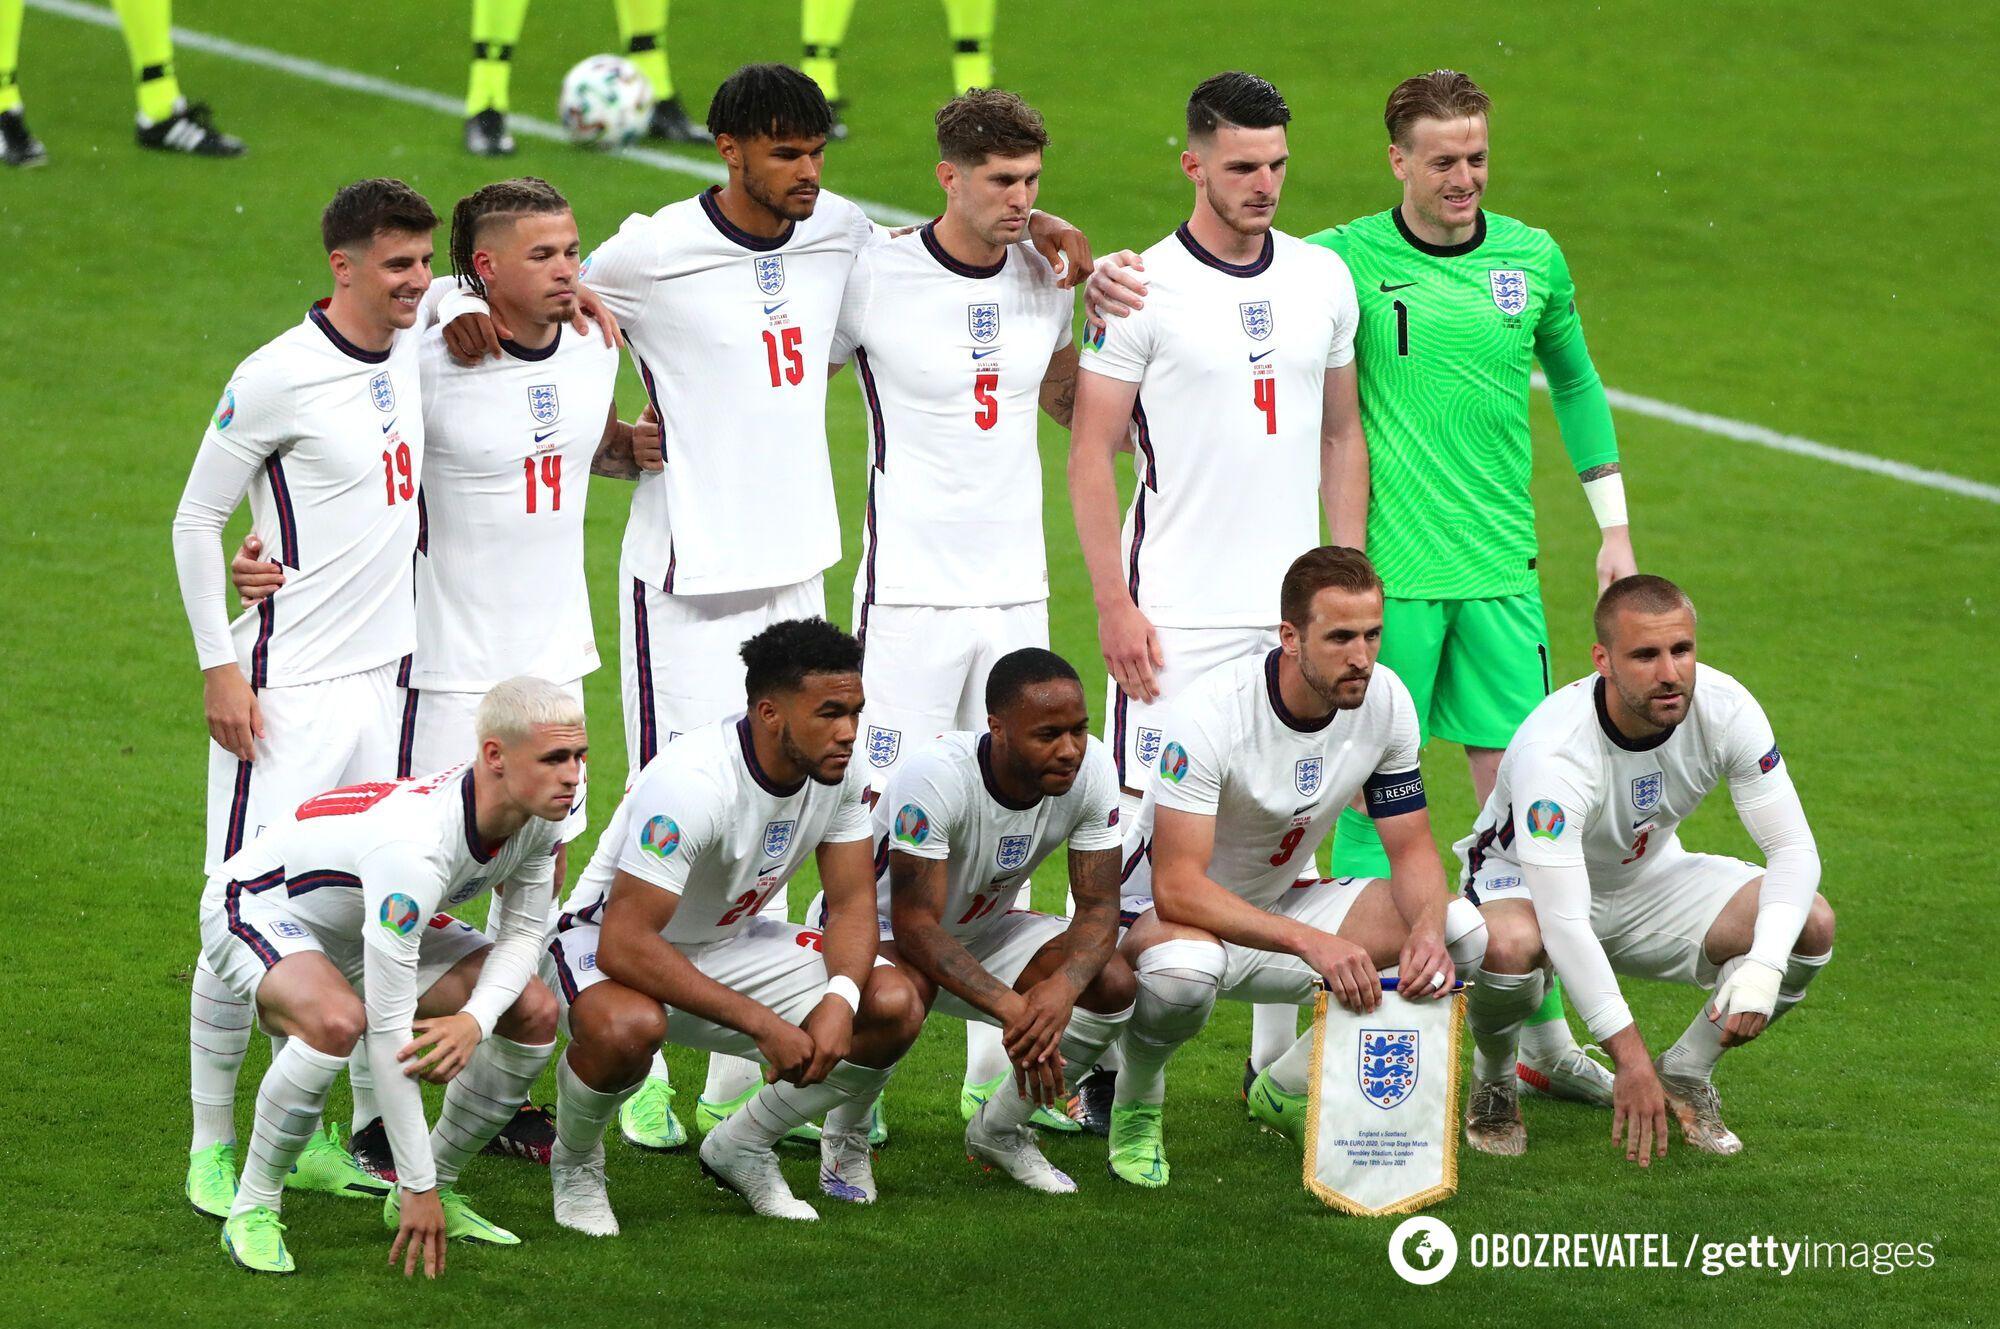 Збірна Англії з футболу.